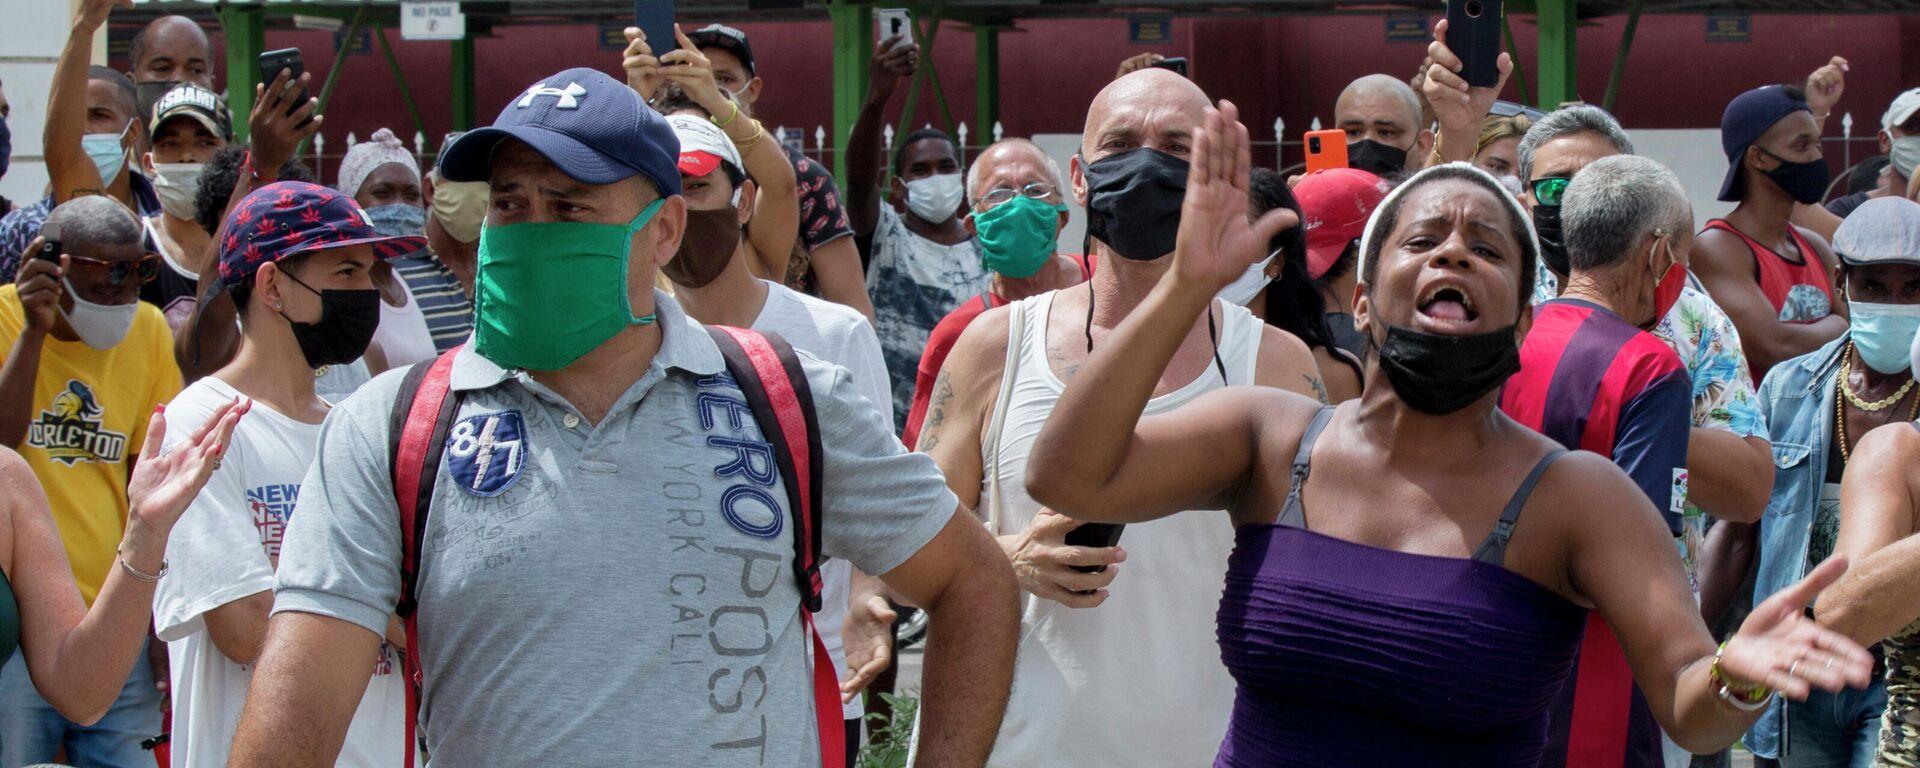 Antiregierungsproteste in Havanna am  11. Juli 2021 - SNA, 1920, 14.07.2021